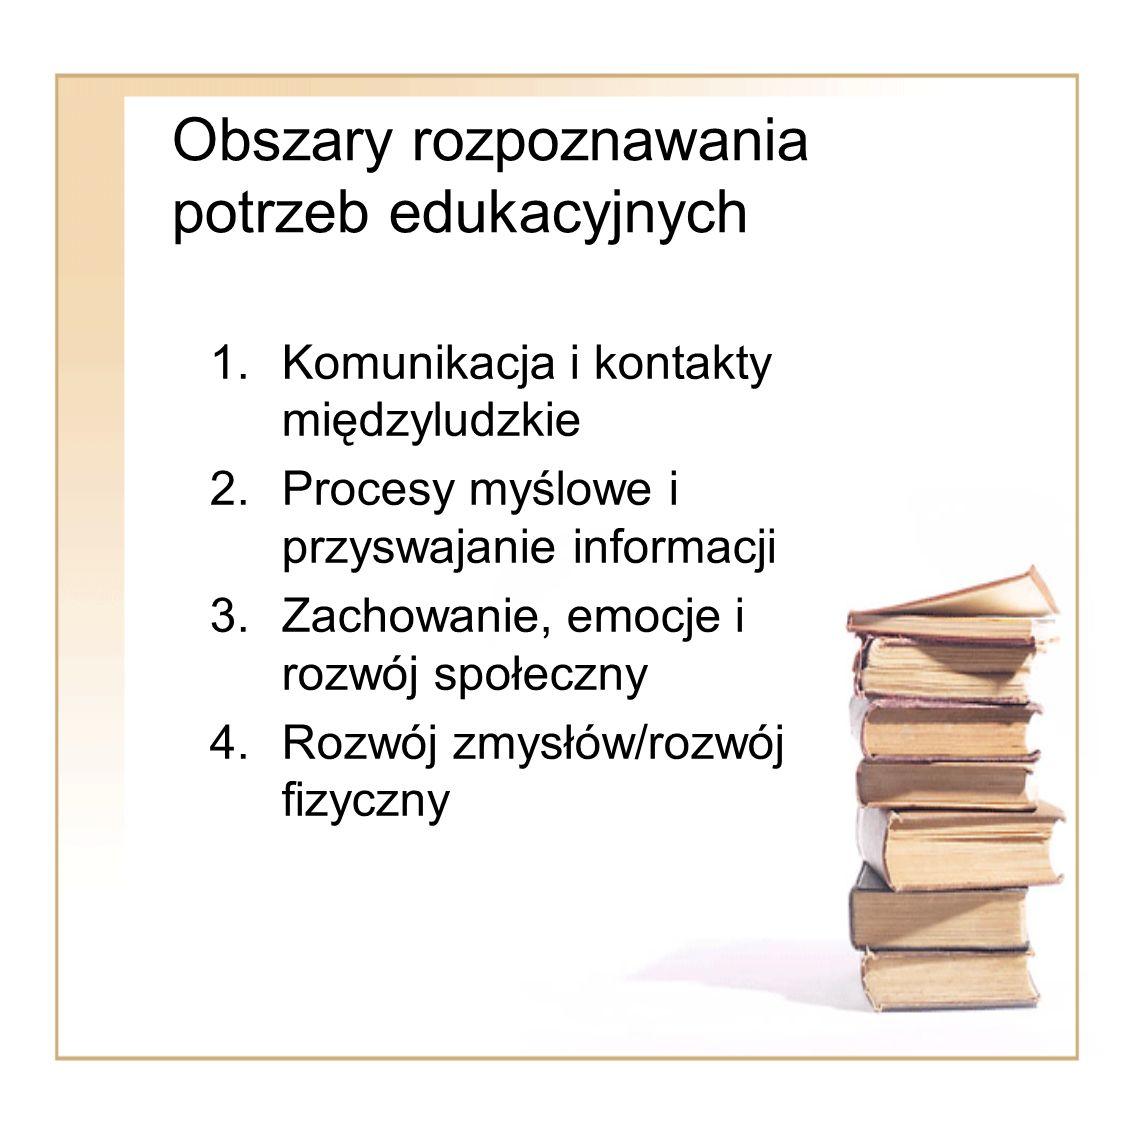 Od kiedy zmiana? Nowe rozporządzenie wchodzi w życie z dniem 1 lutego 2011 r.